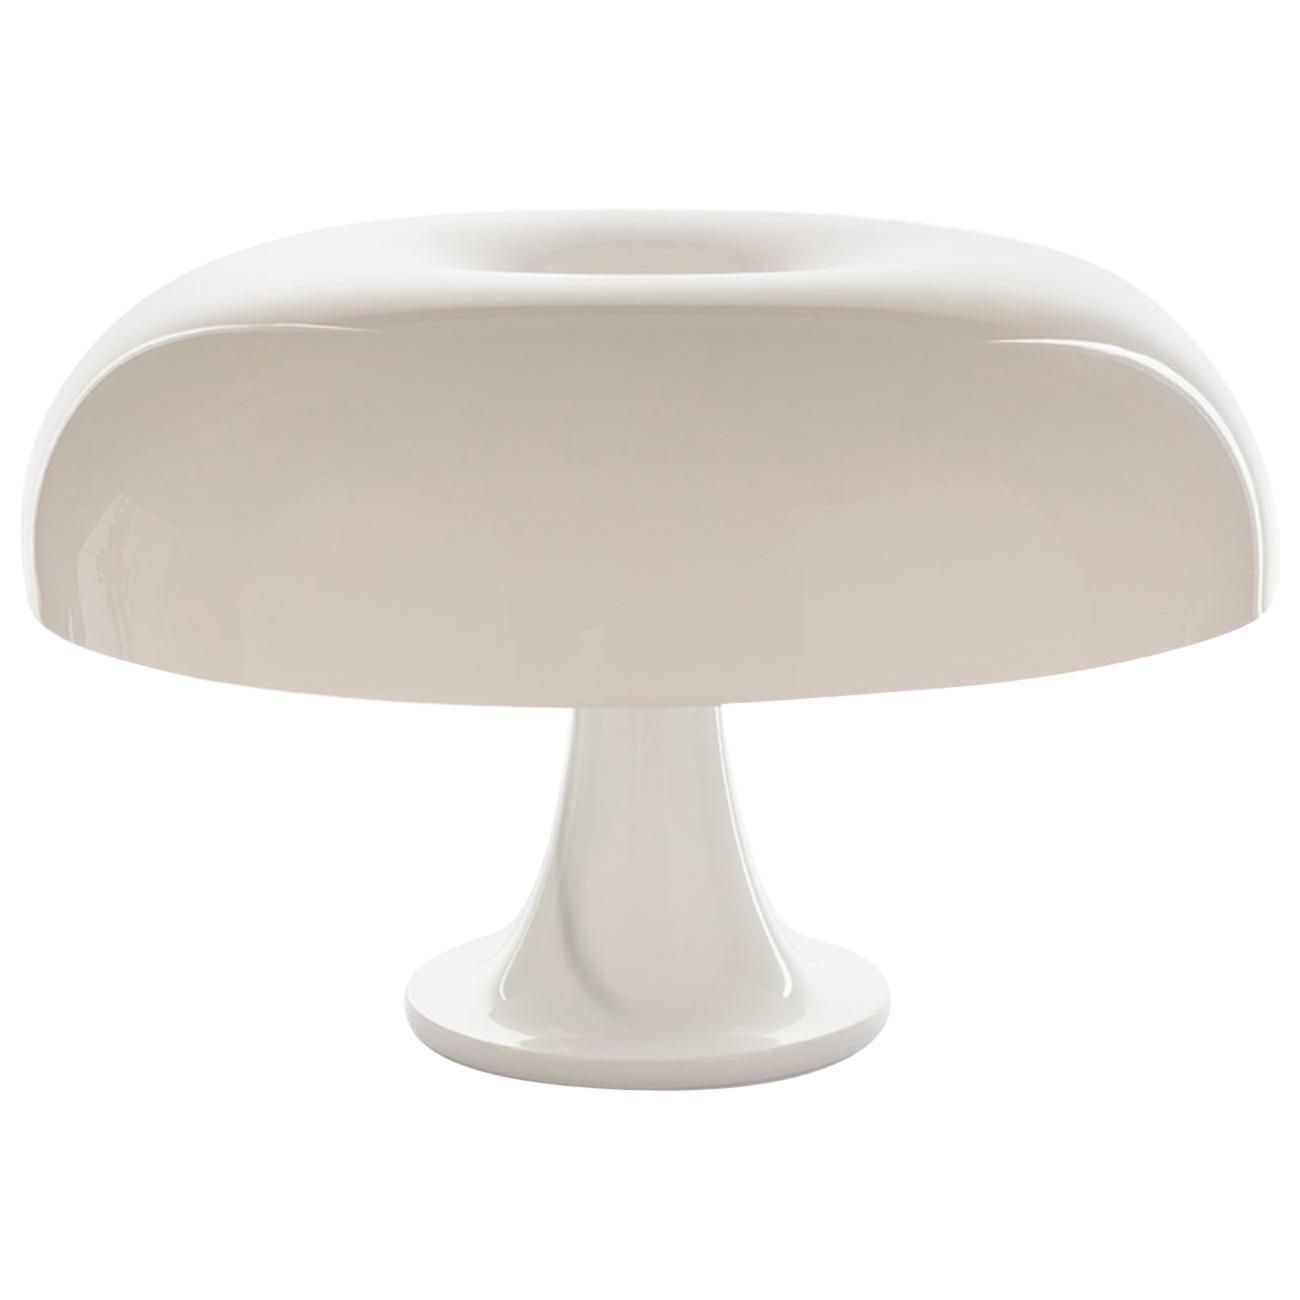 """""""Nesso"""" Table Designed by Giancarlo Mattioli and Gruppo Architetti Urbanisti"""